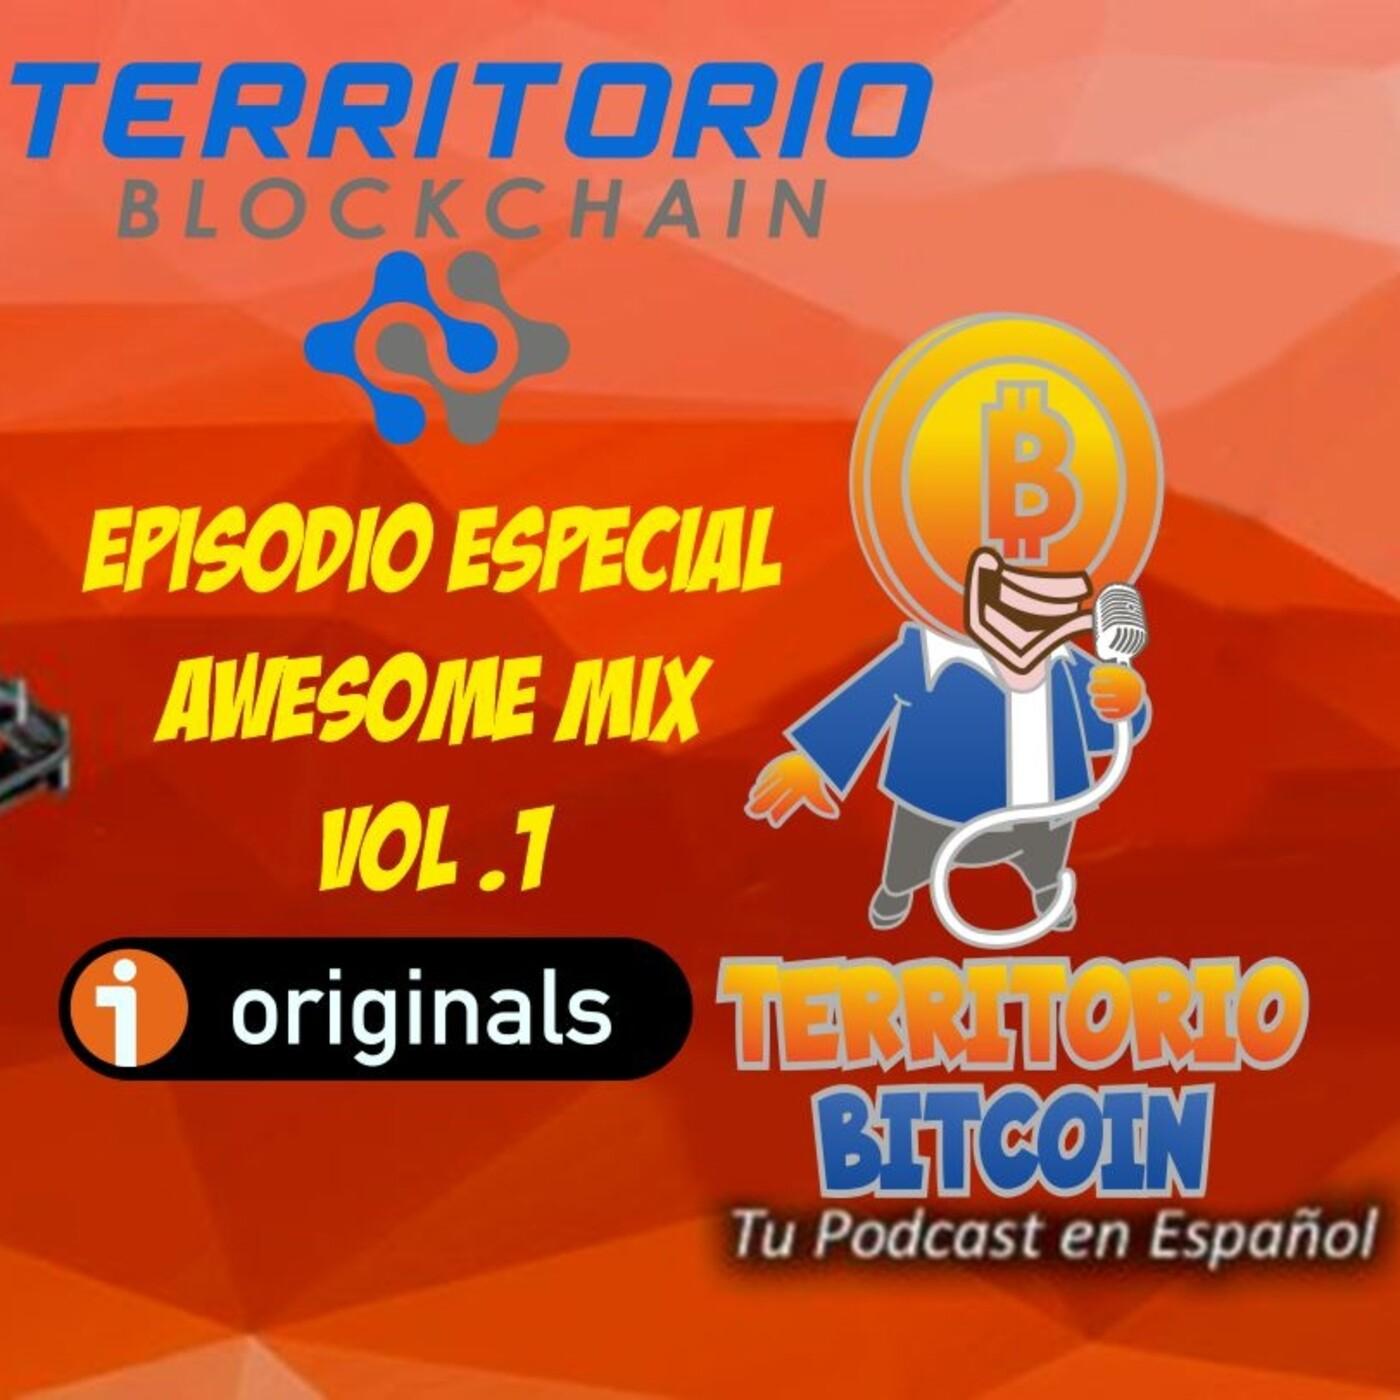 Awesome mix Vol1 la banda sonora del podcast blockchain